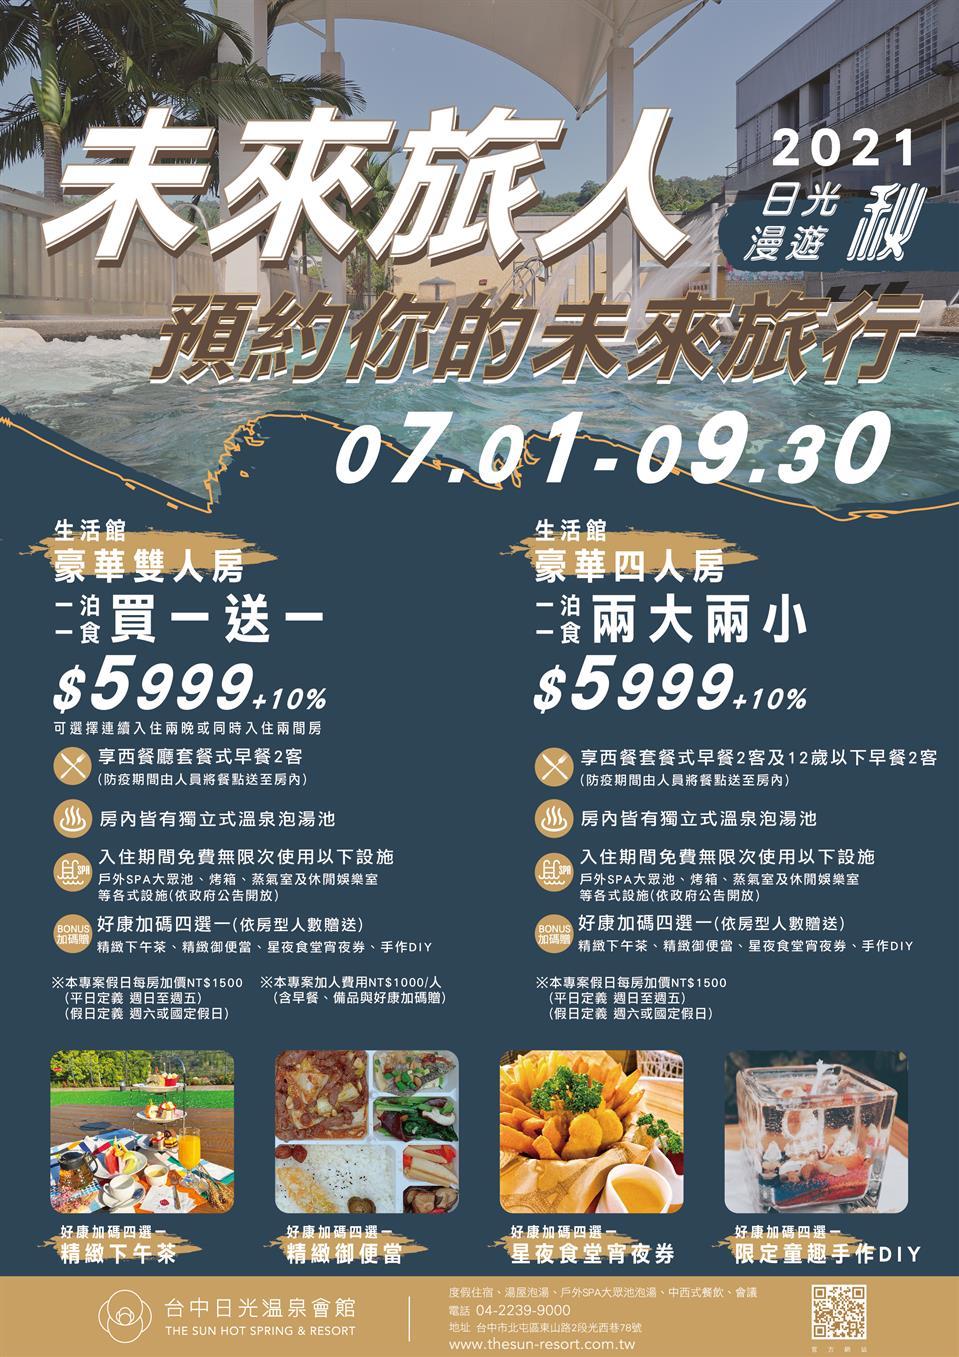 ▲ 台中日月溫泉推出優惠專案。(圖/台中日月溫泉提供)